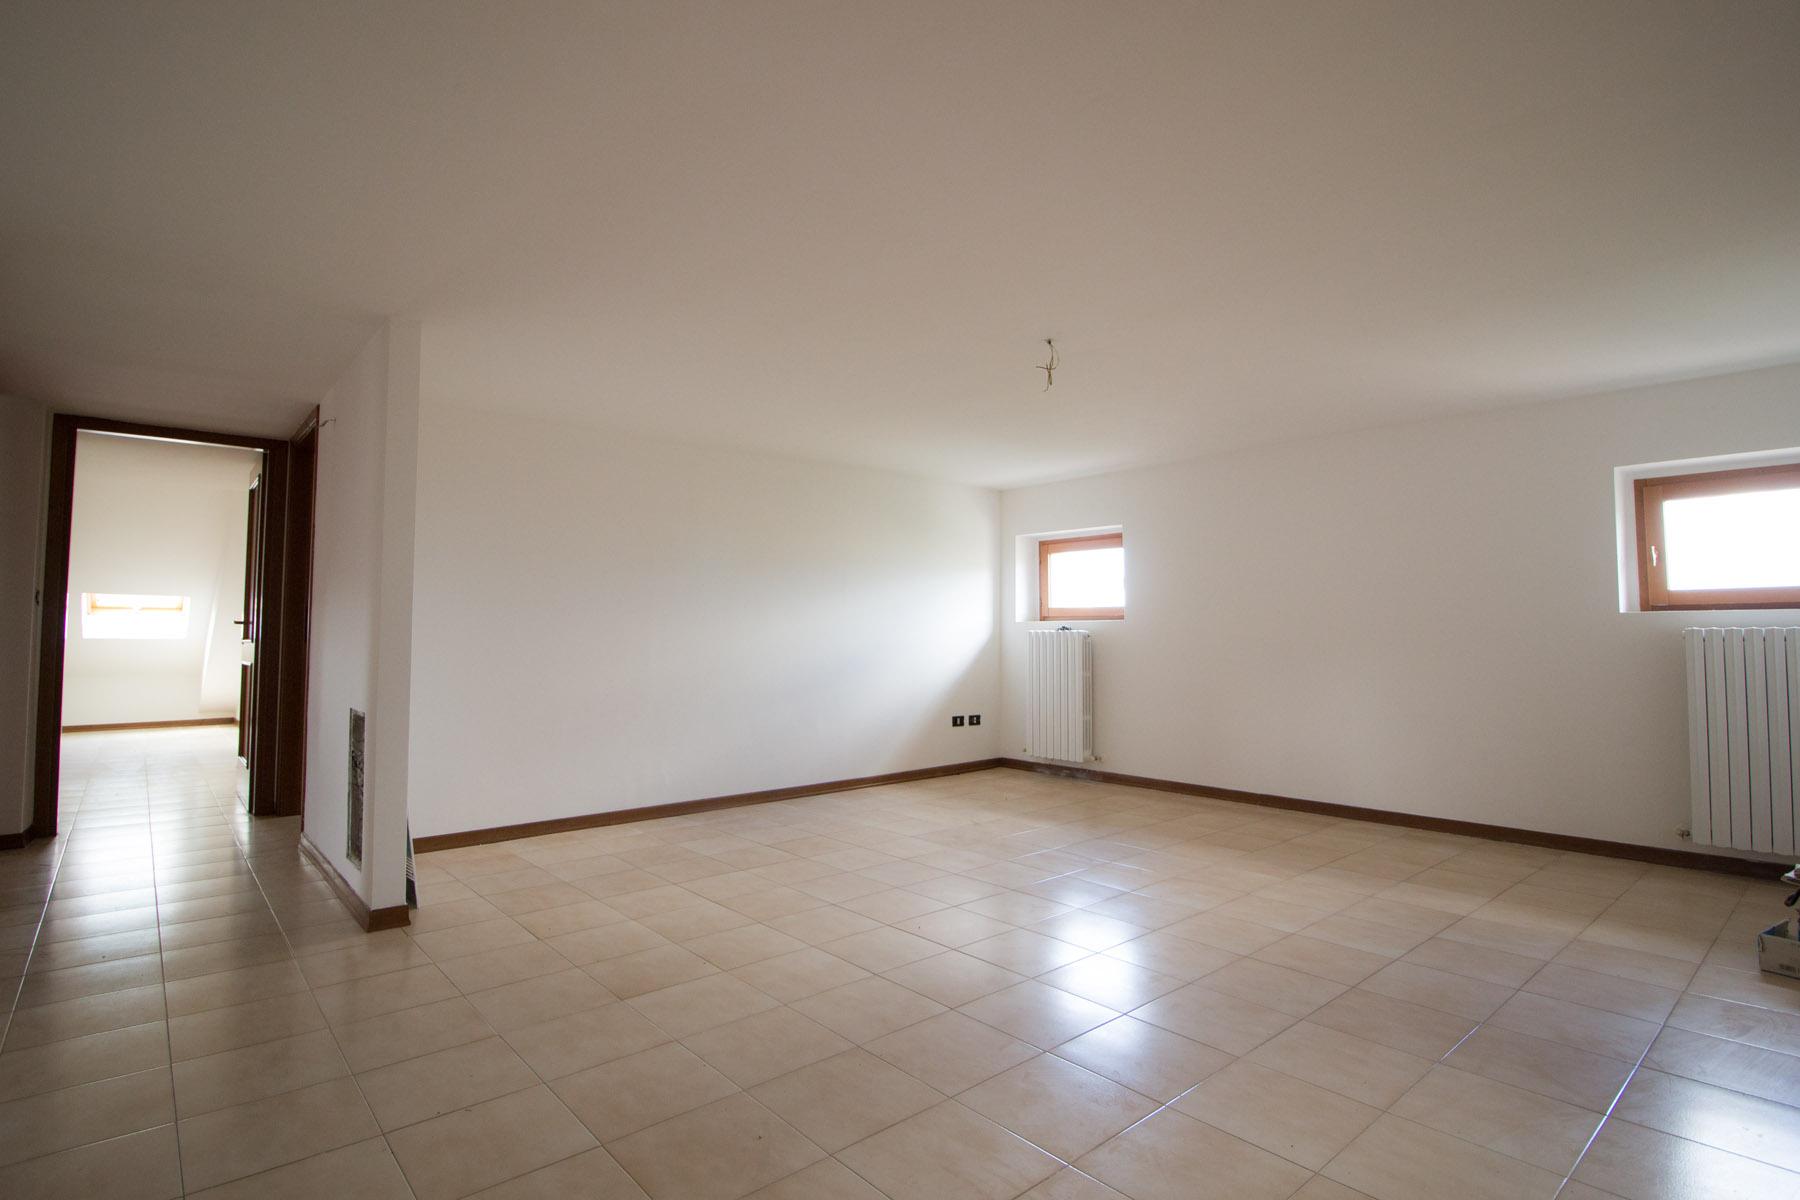 Appartamento in affitto a L'Aquila, 5 locali, zona Località: Torretta, prezzo € 500   CambioCasa.it